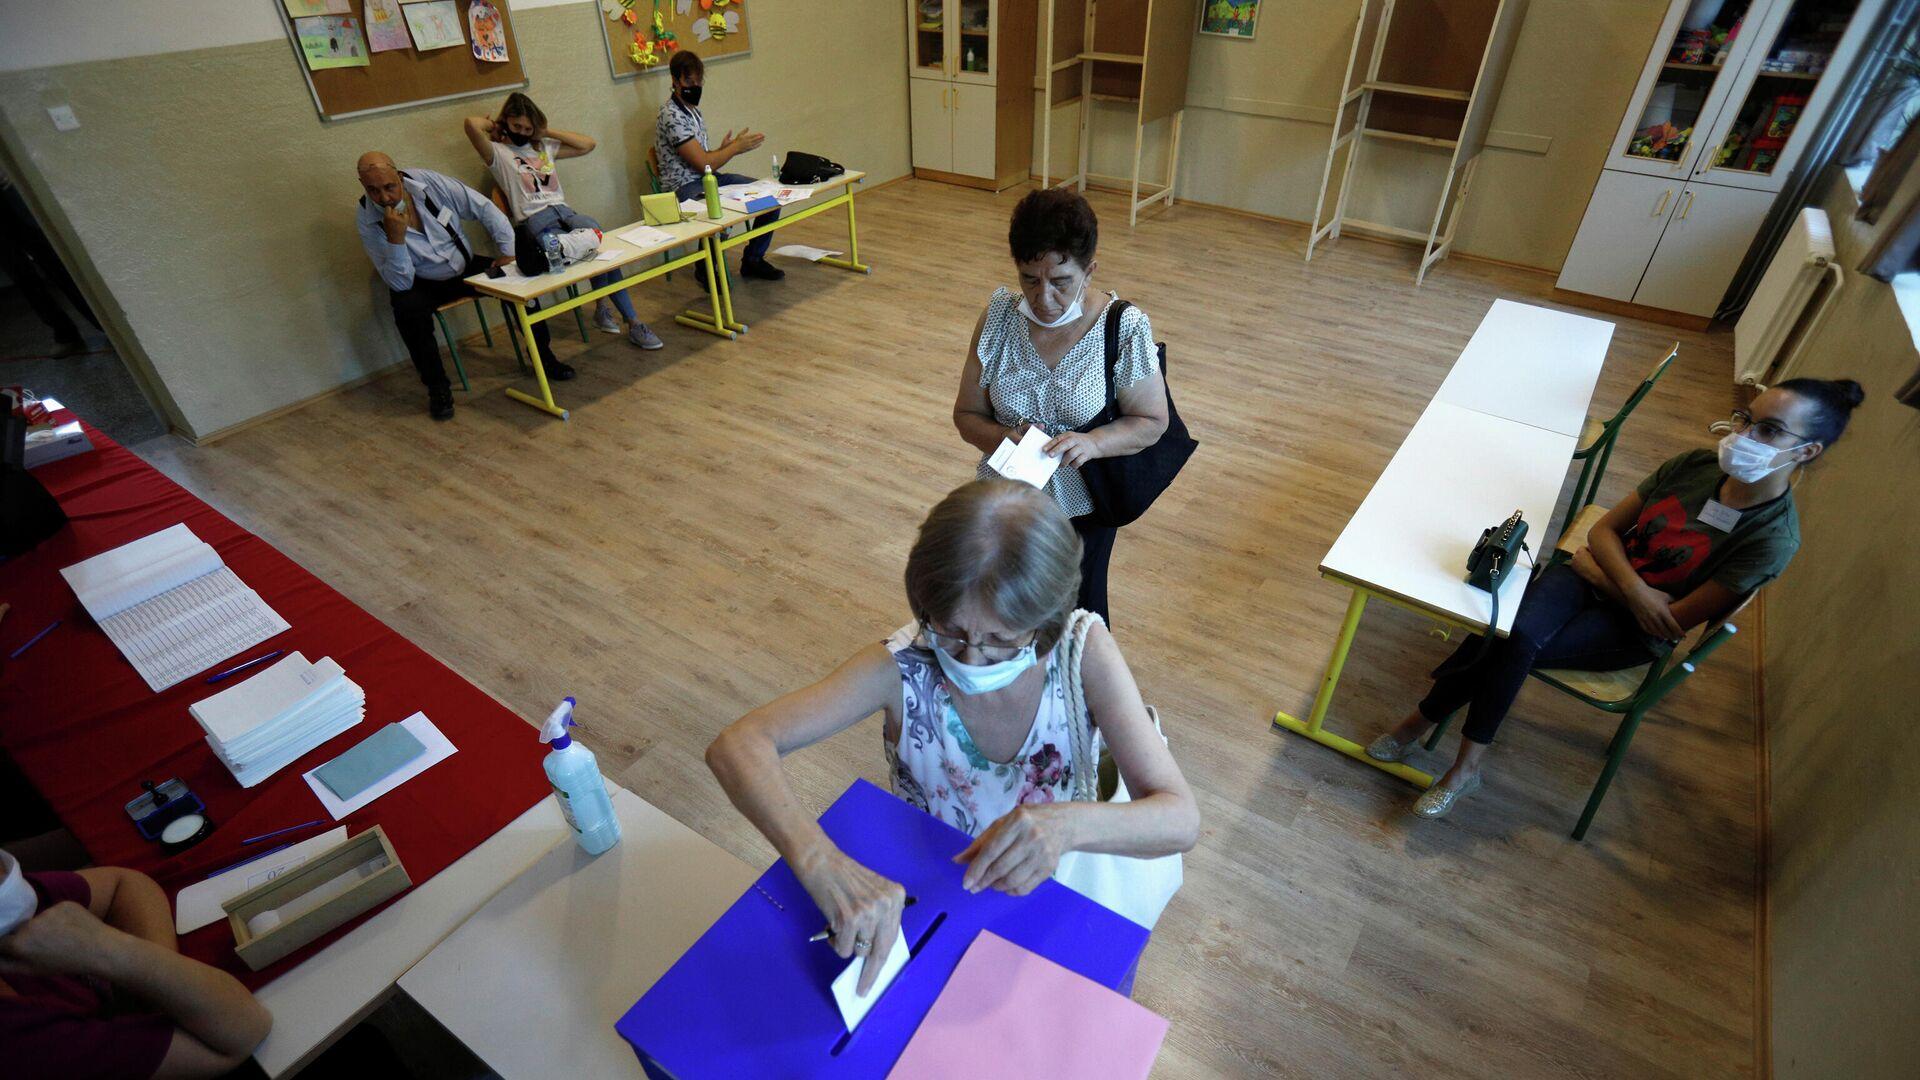 Голосование на избирательном участке во время всеобщих выборов в Подгорице, Черногория. 30 августа 2020 - РИА Новости, 1920, 03.09.2020